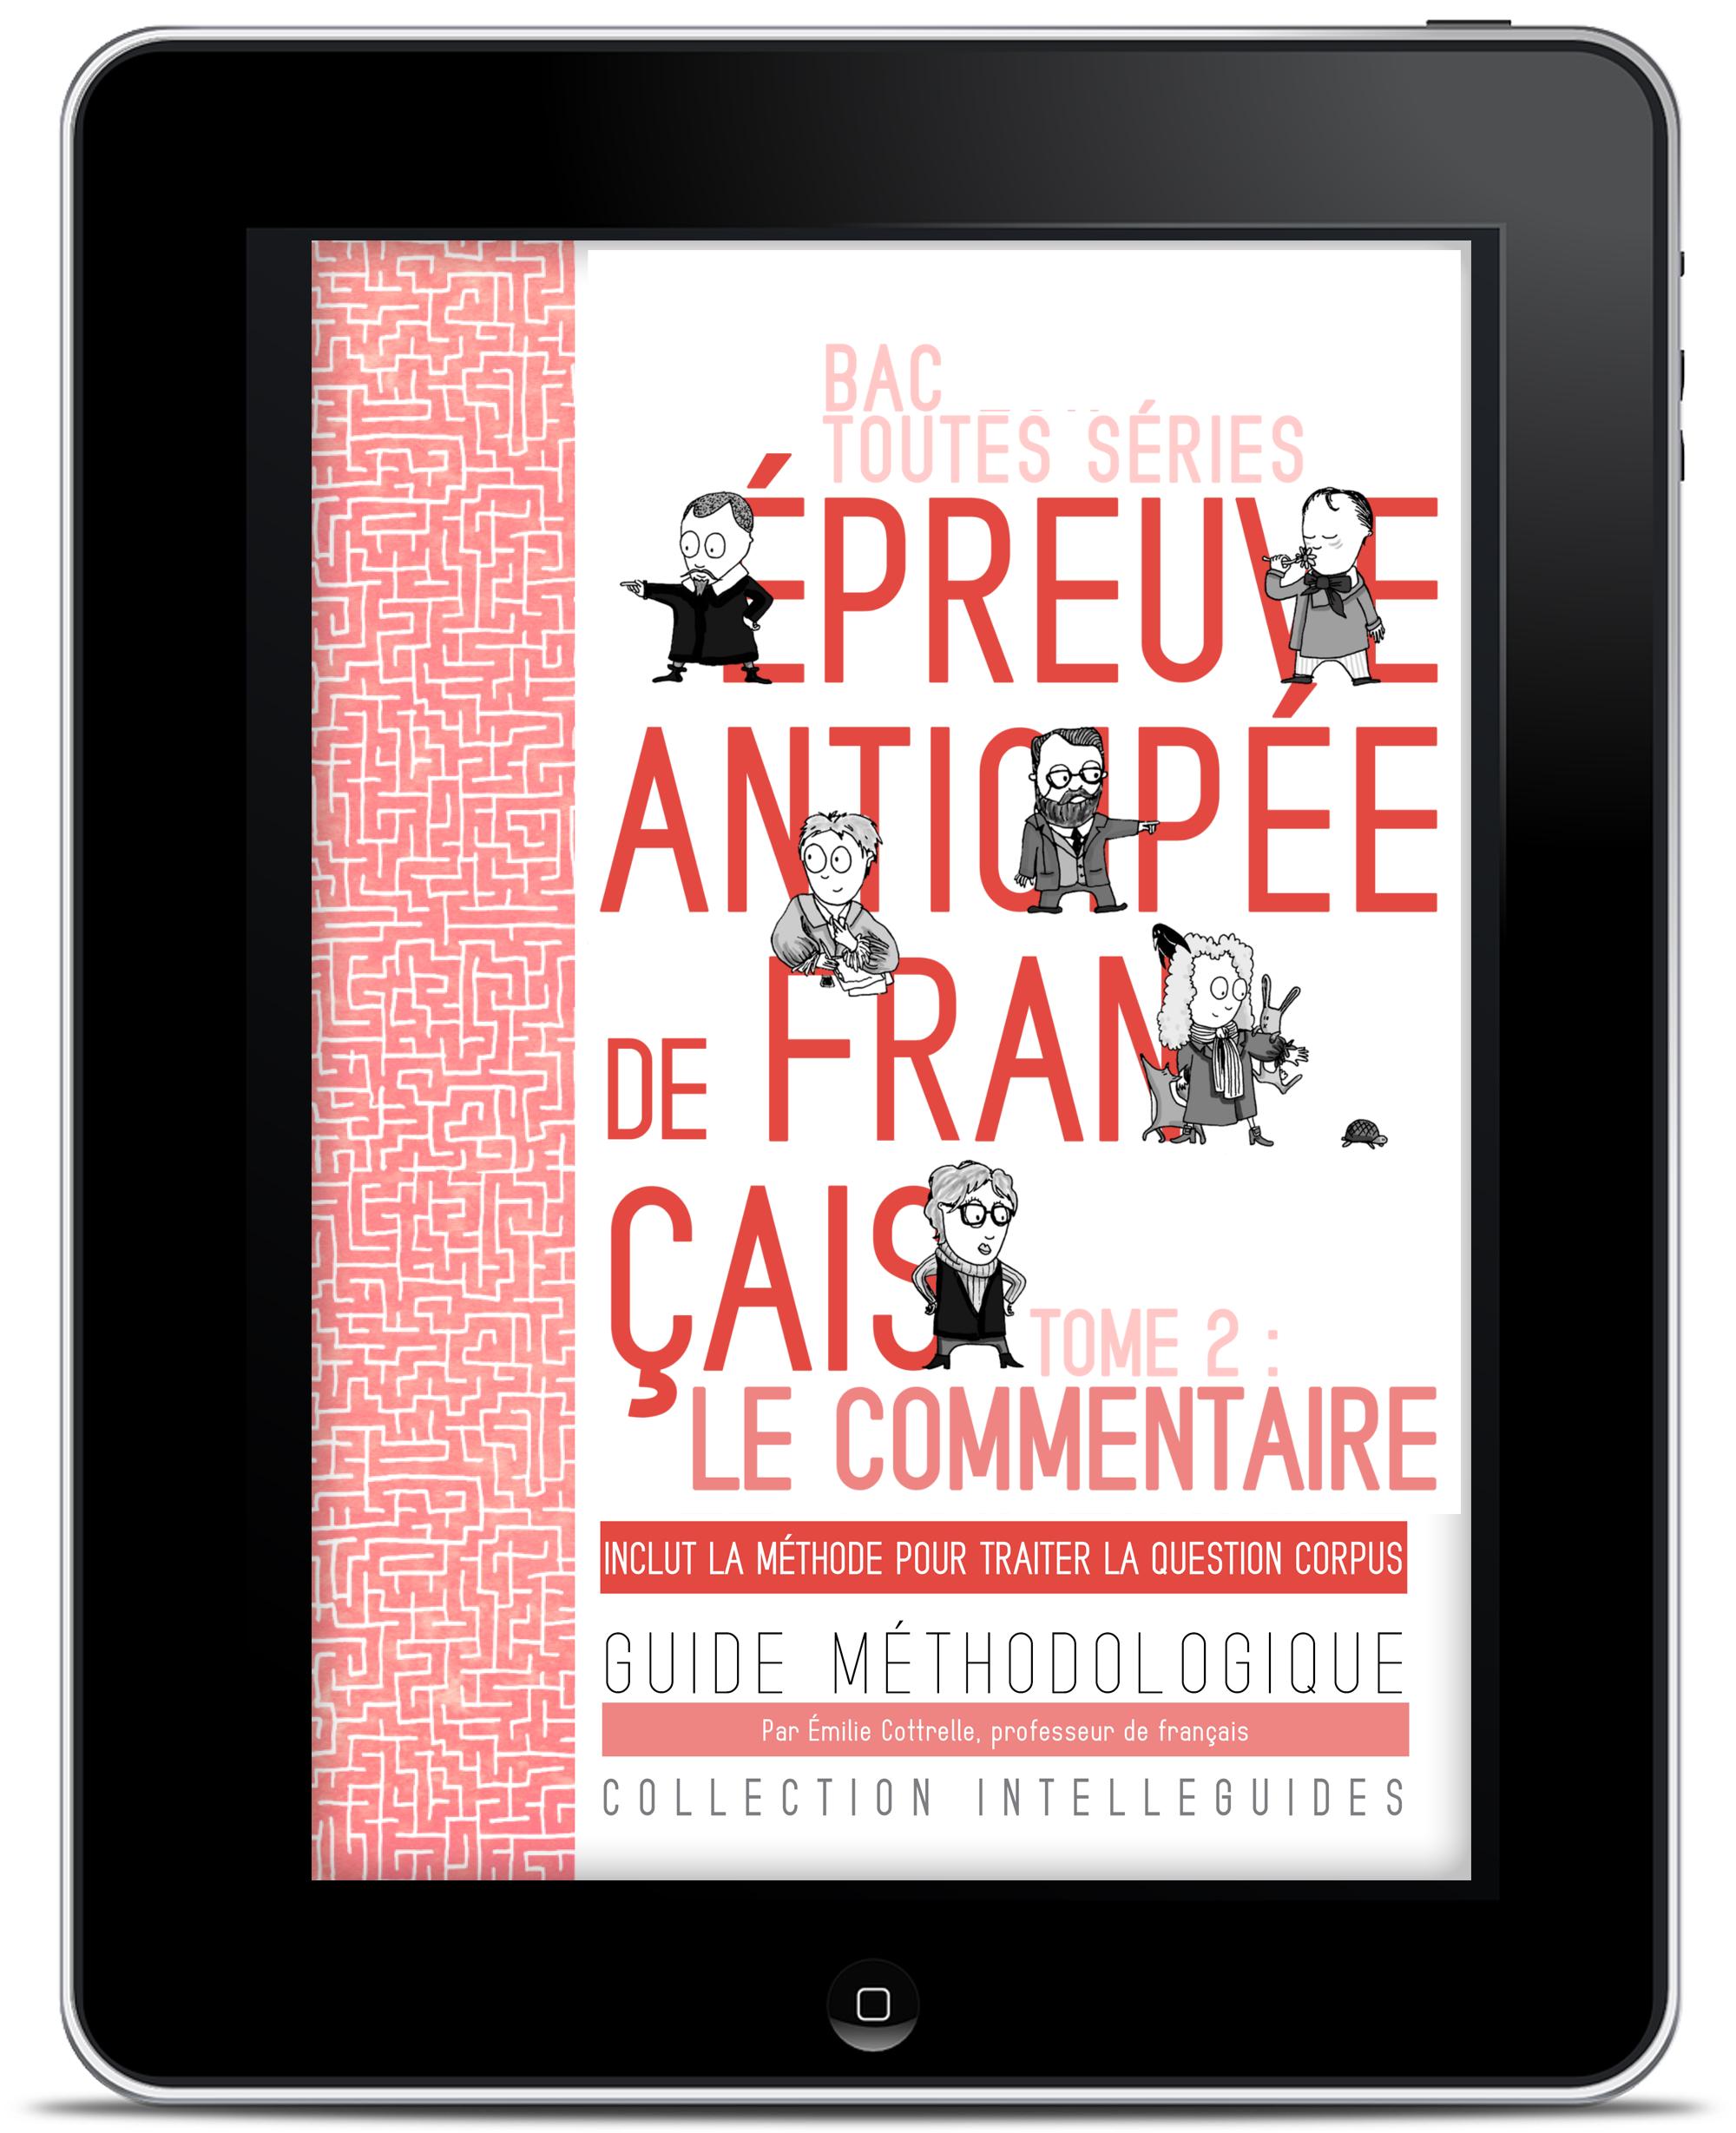 couverture-tablette_intellego_francais_2018_commentaire